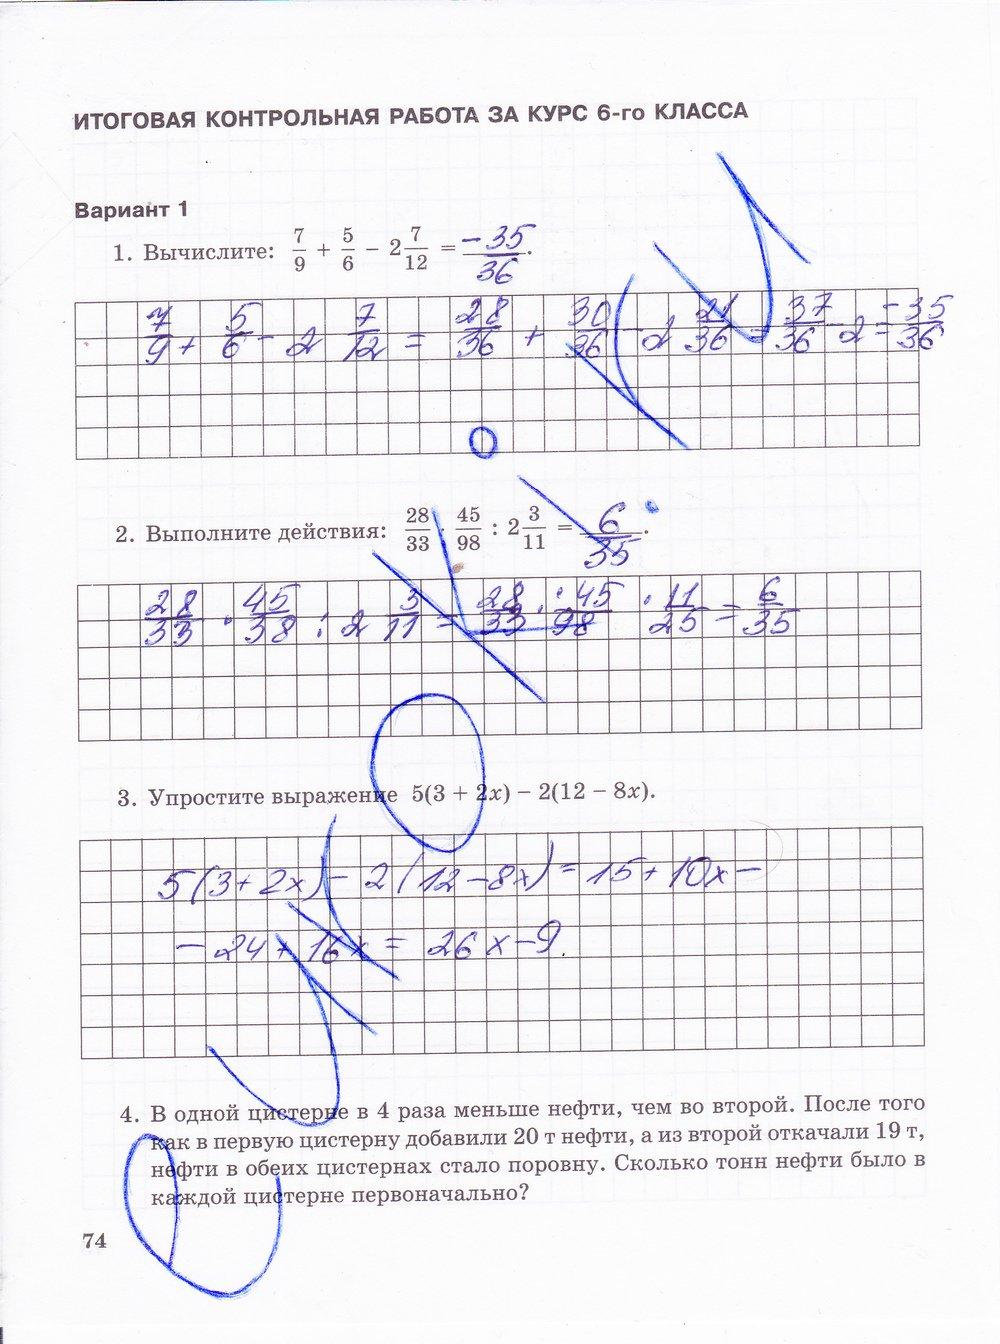 Гдз по математике 5 класс зубарева тетрадь для контрольных работ 2